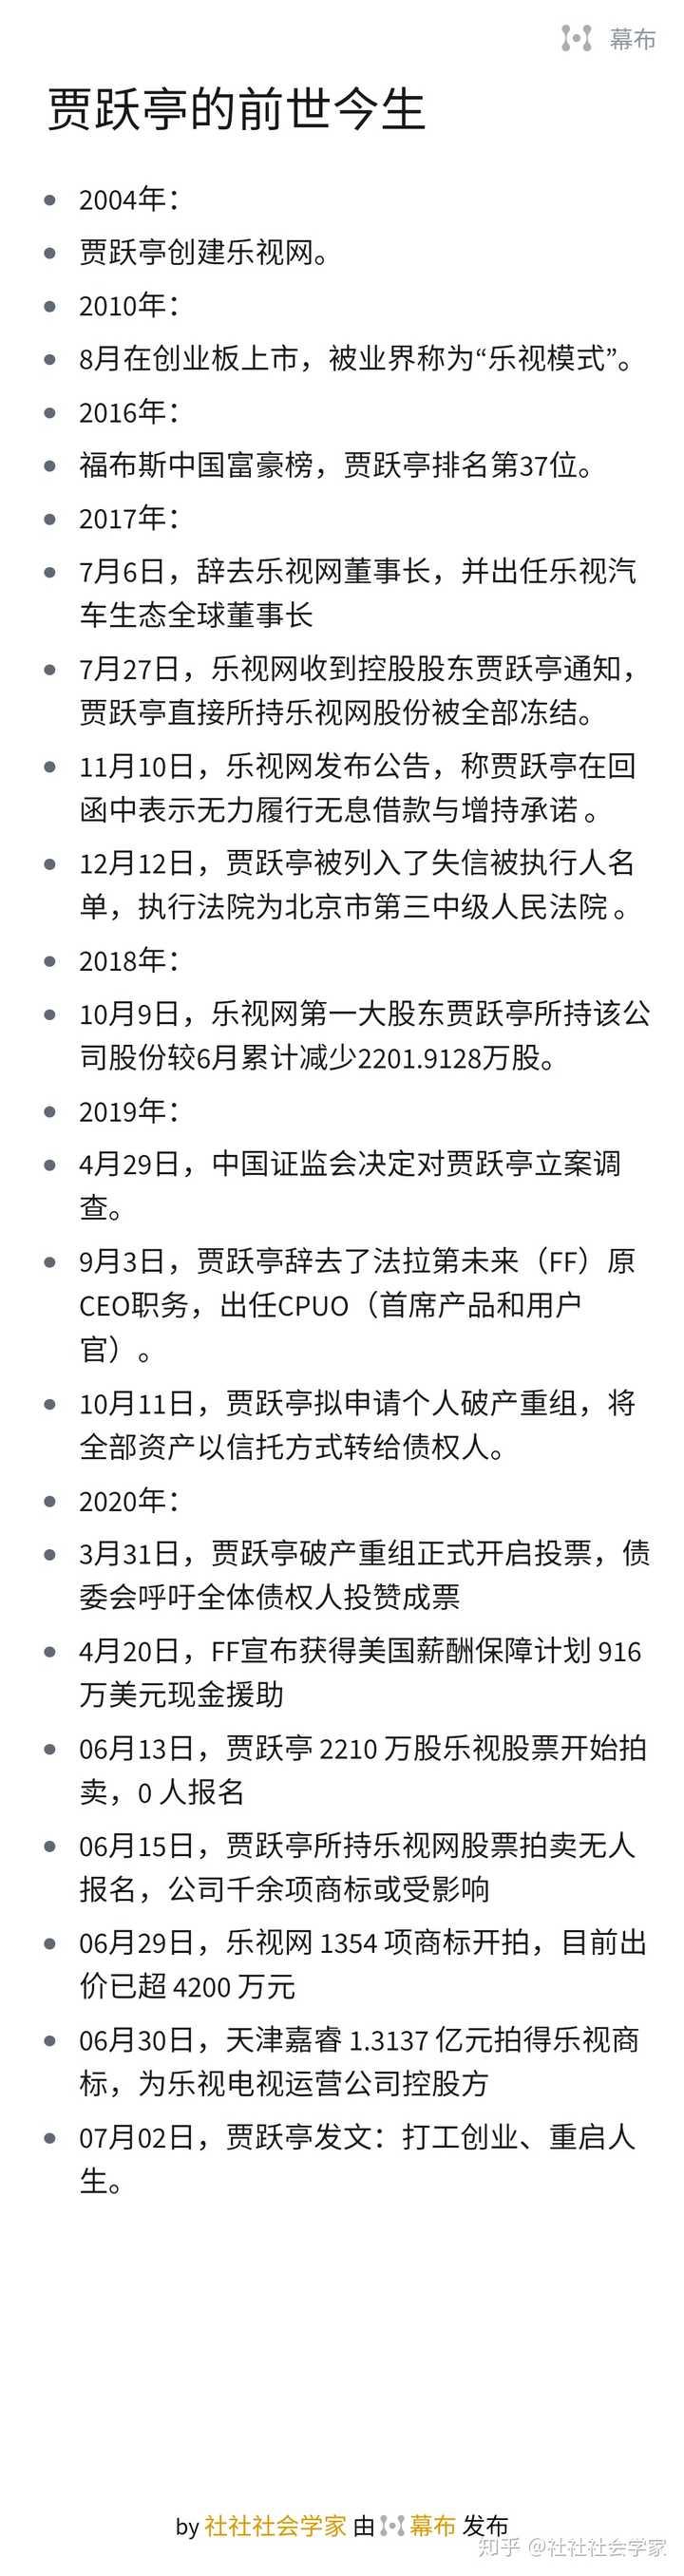 贾跃亭发致歉信称「我是乐视体系一夜崩塌的第一责任人」,乐视体系的崩塌,贾跃亭的责任有多大?